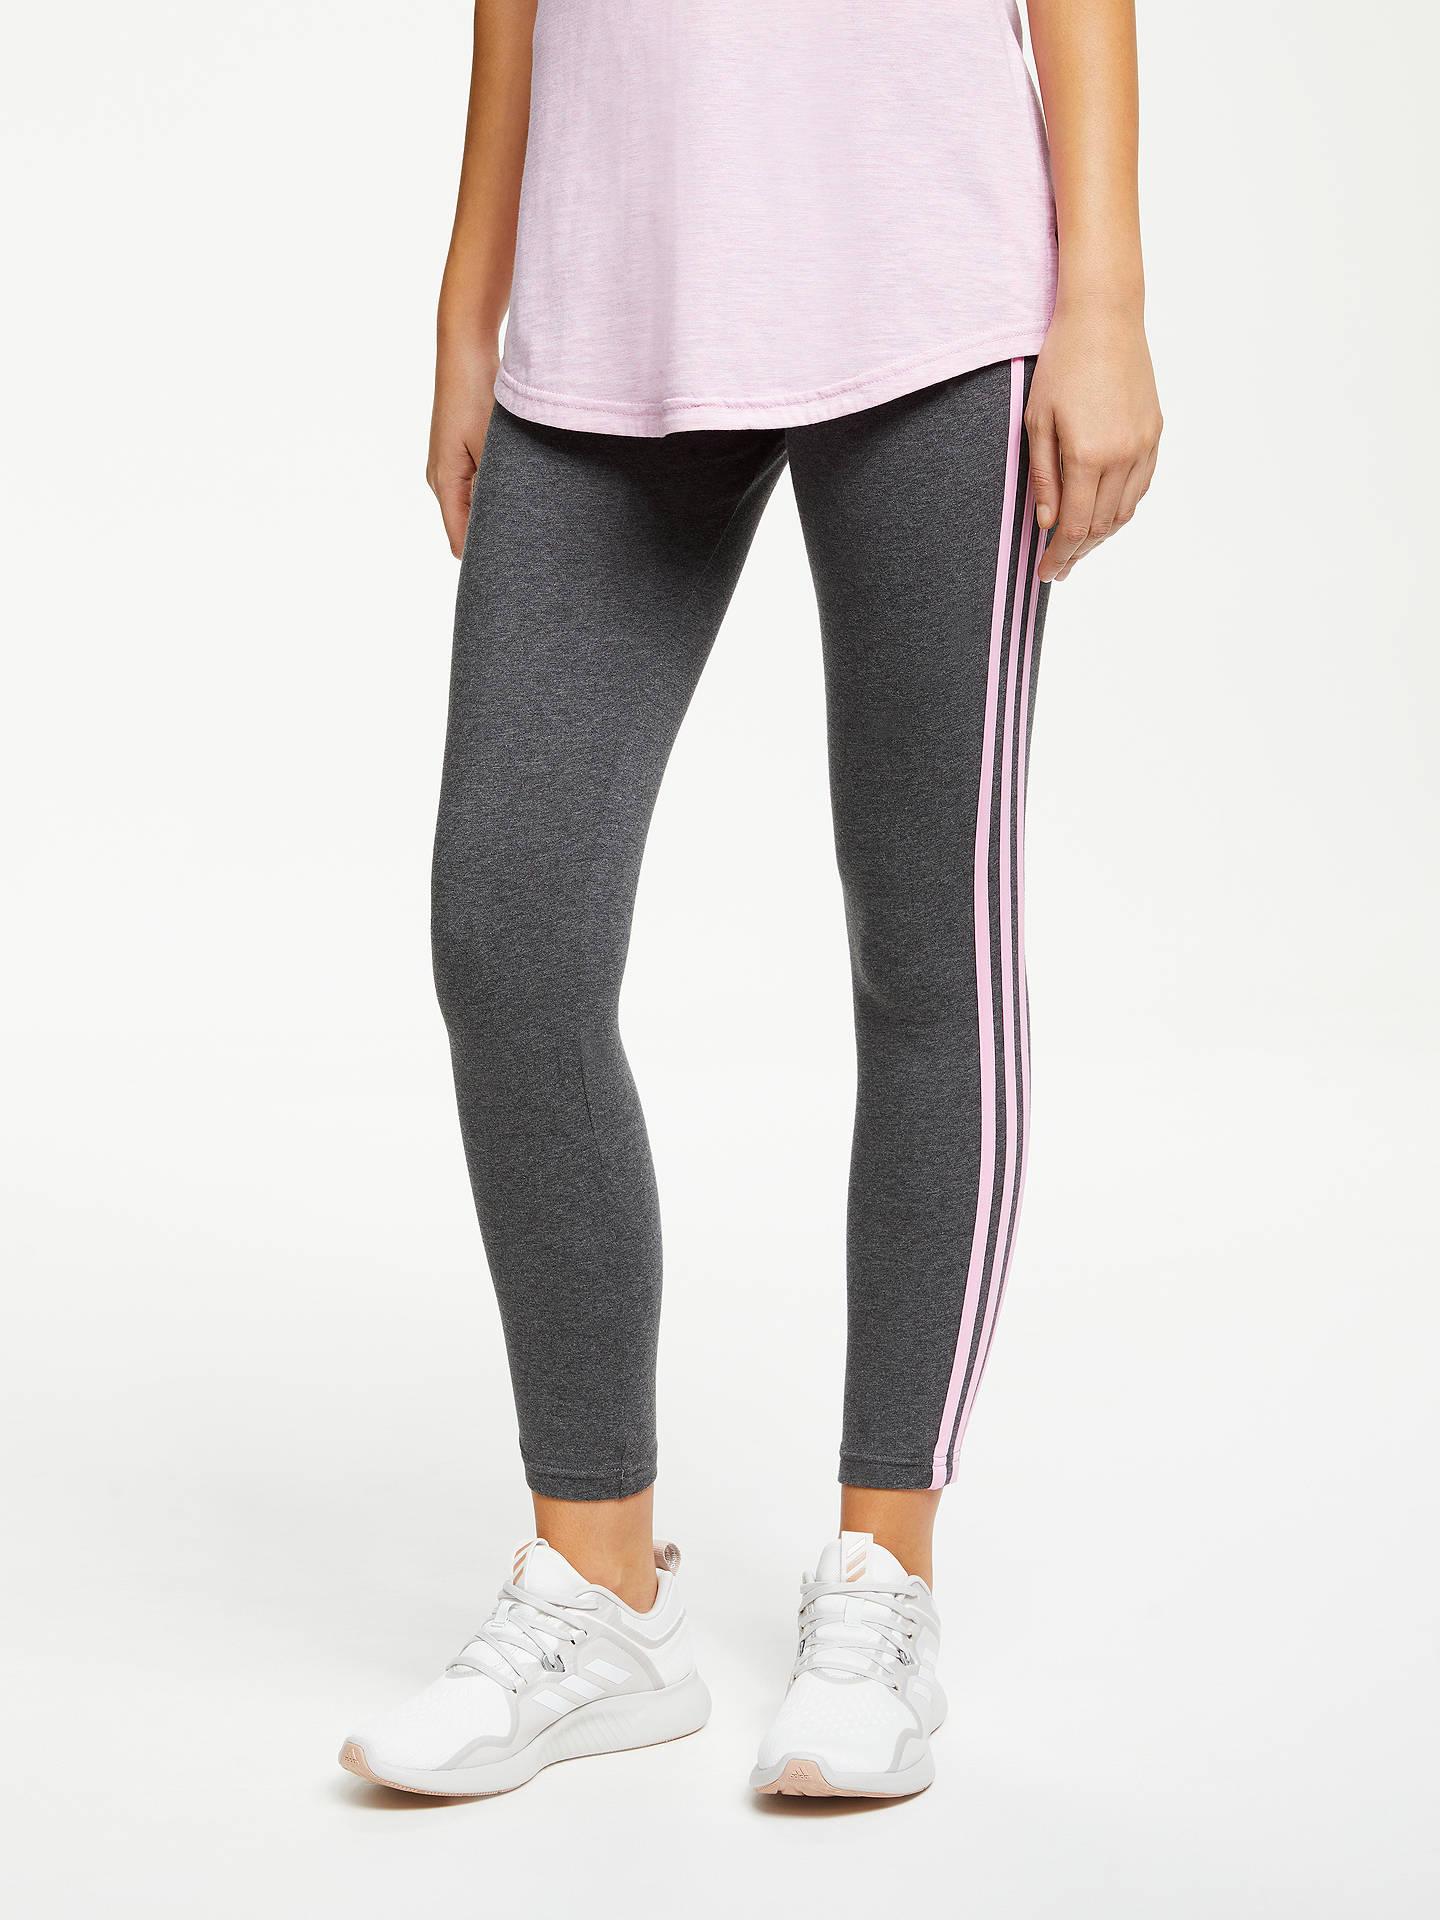 c2ccd1bb0ebbb1 Buy adidas Essential 3-Stripes Tights, Dark Heather Grey/True Pink, M ...